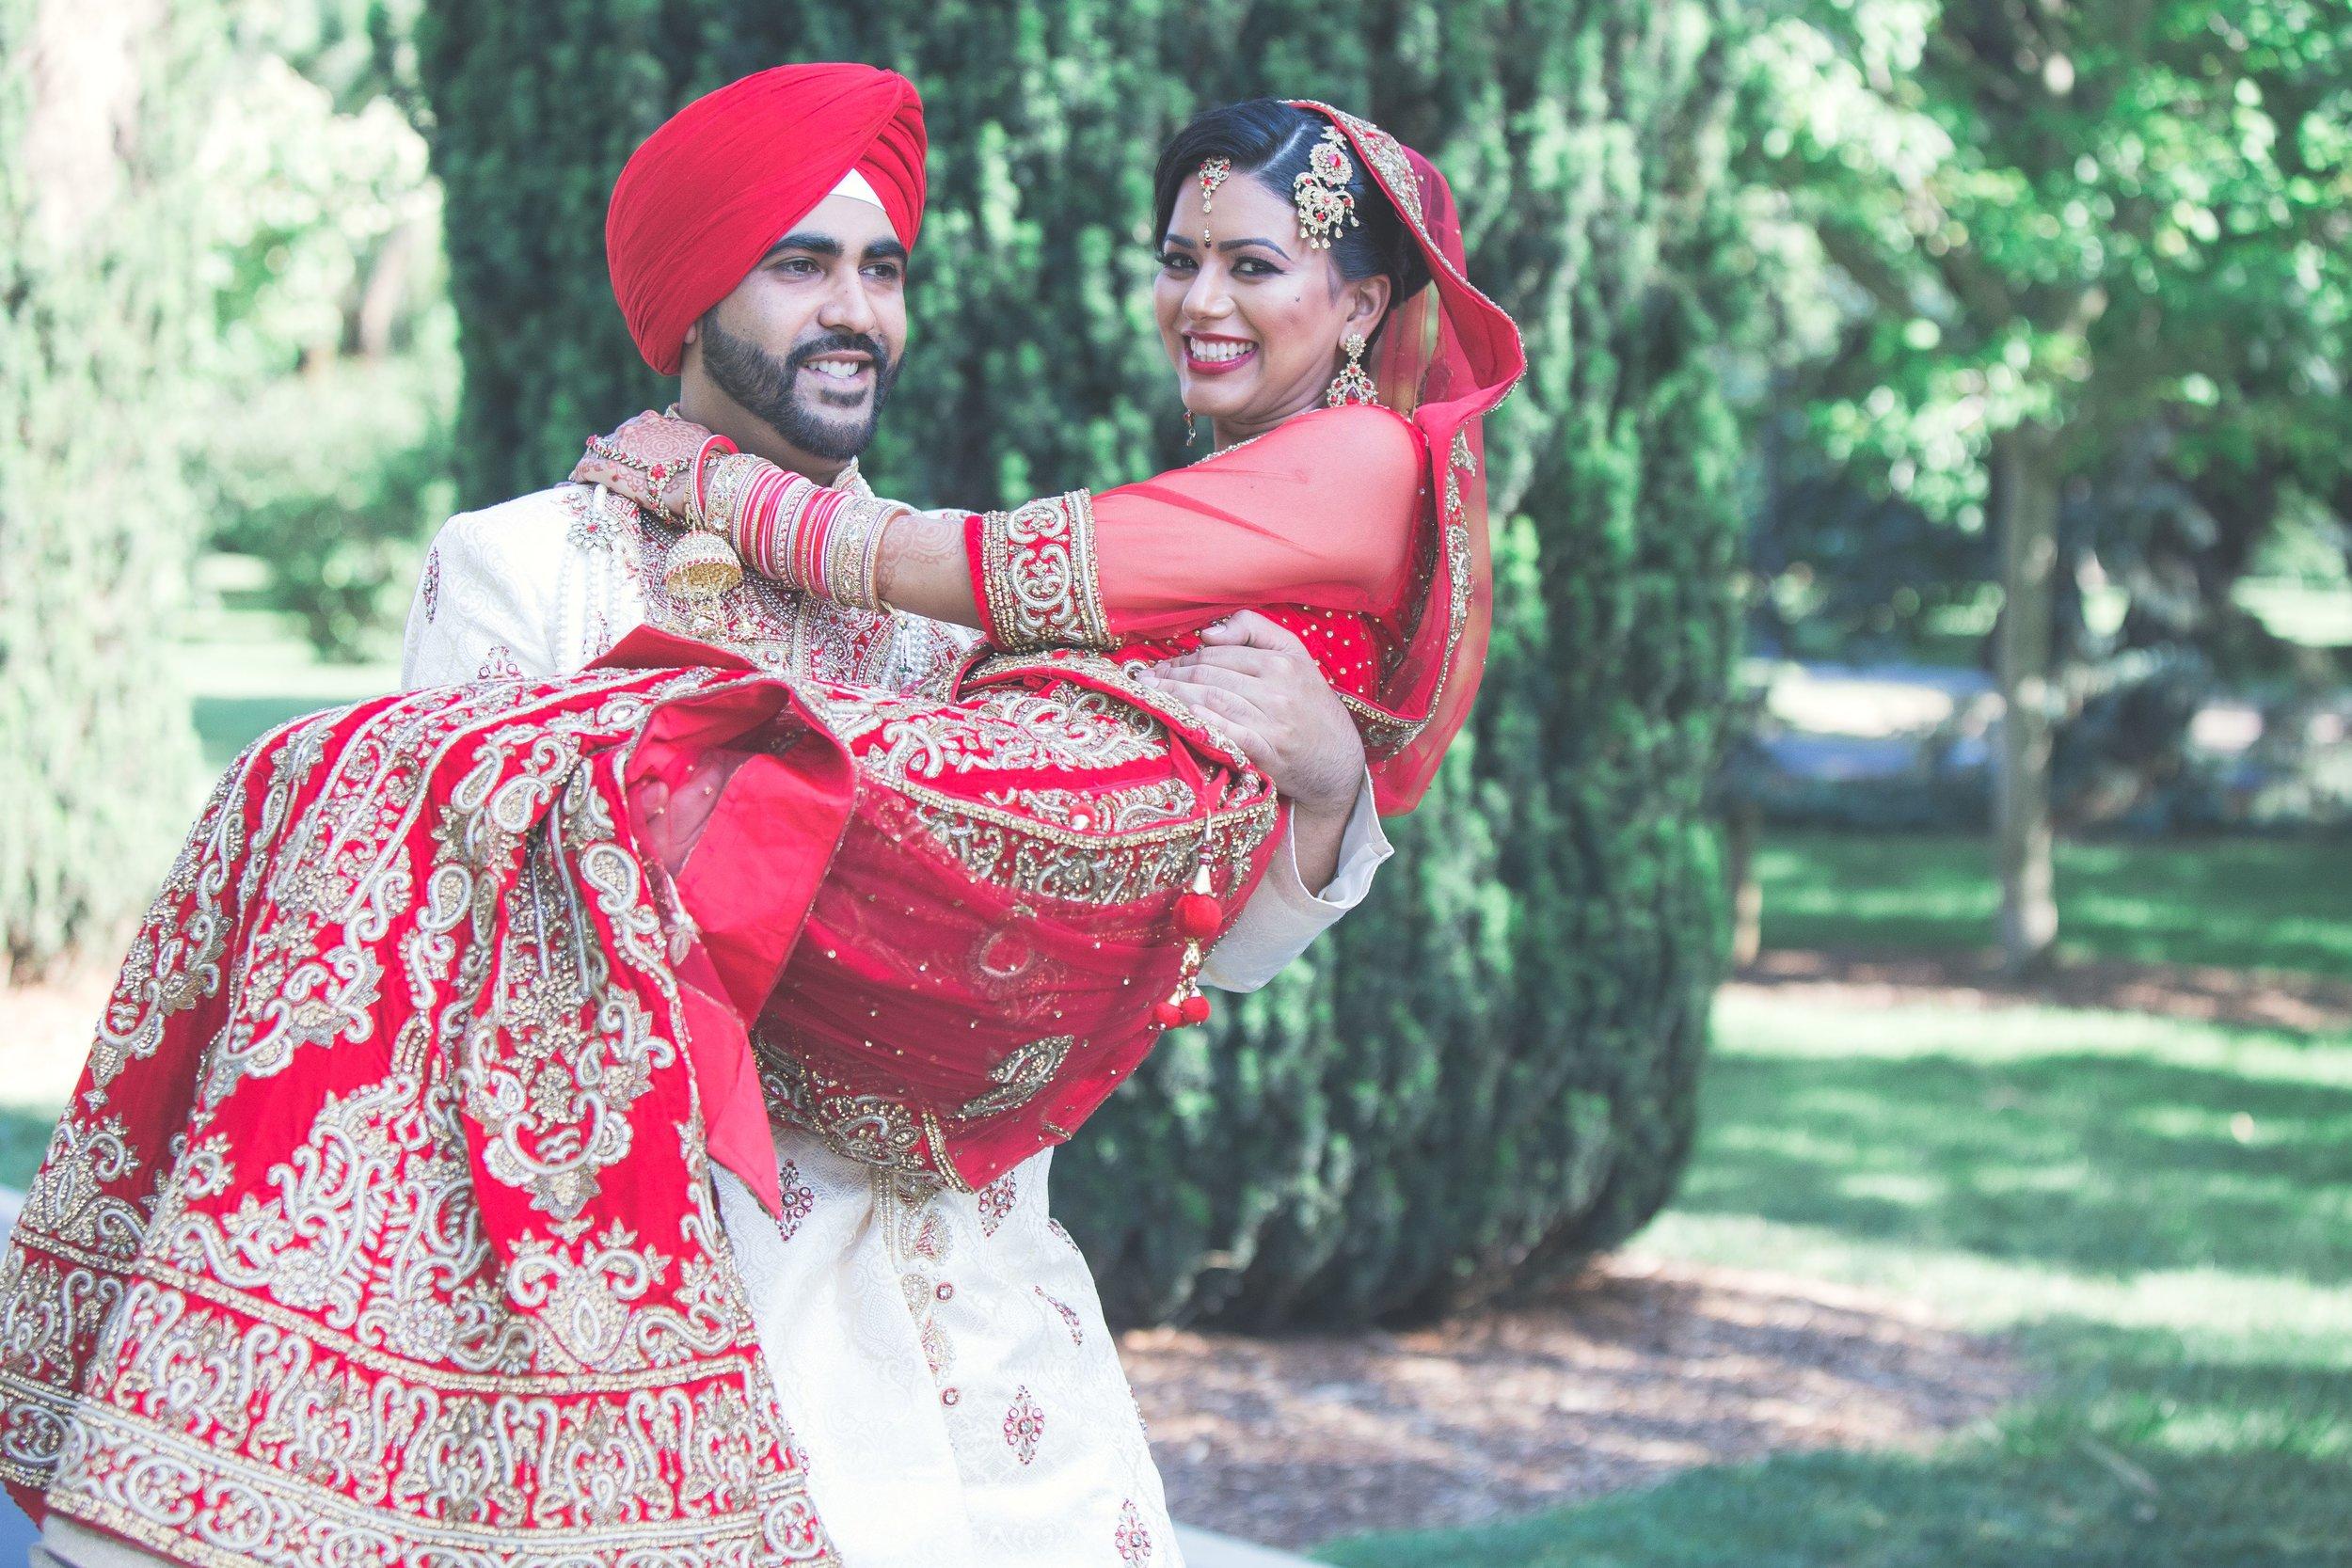 online516 Jatinder & Khushbir Wedding Day -  Wedding55.jpg